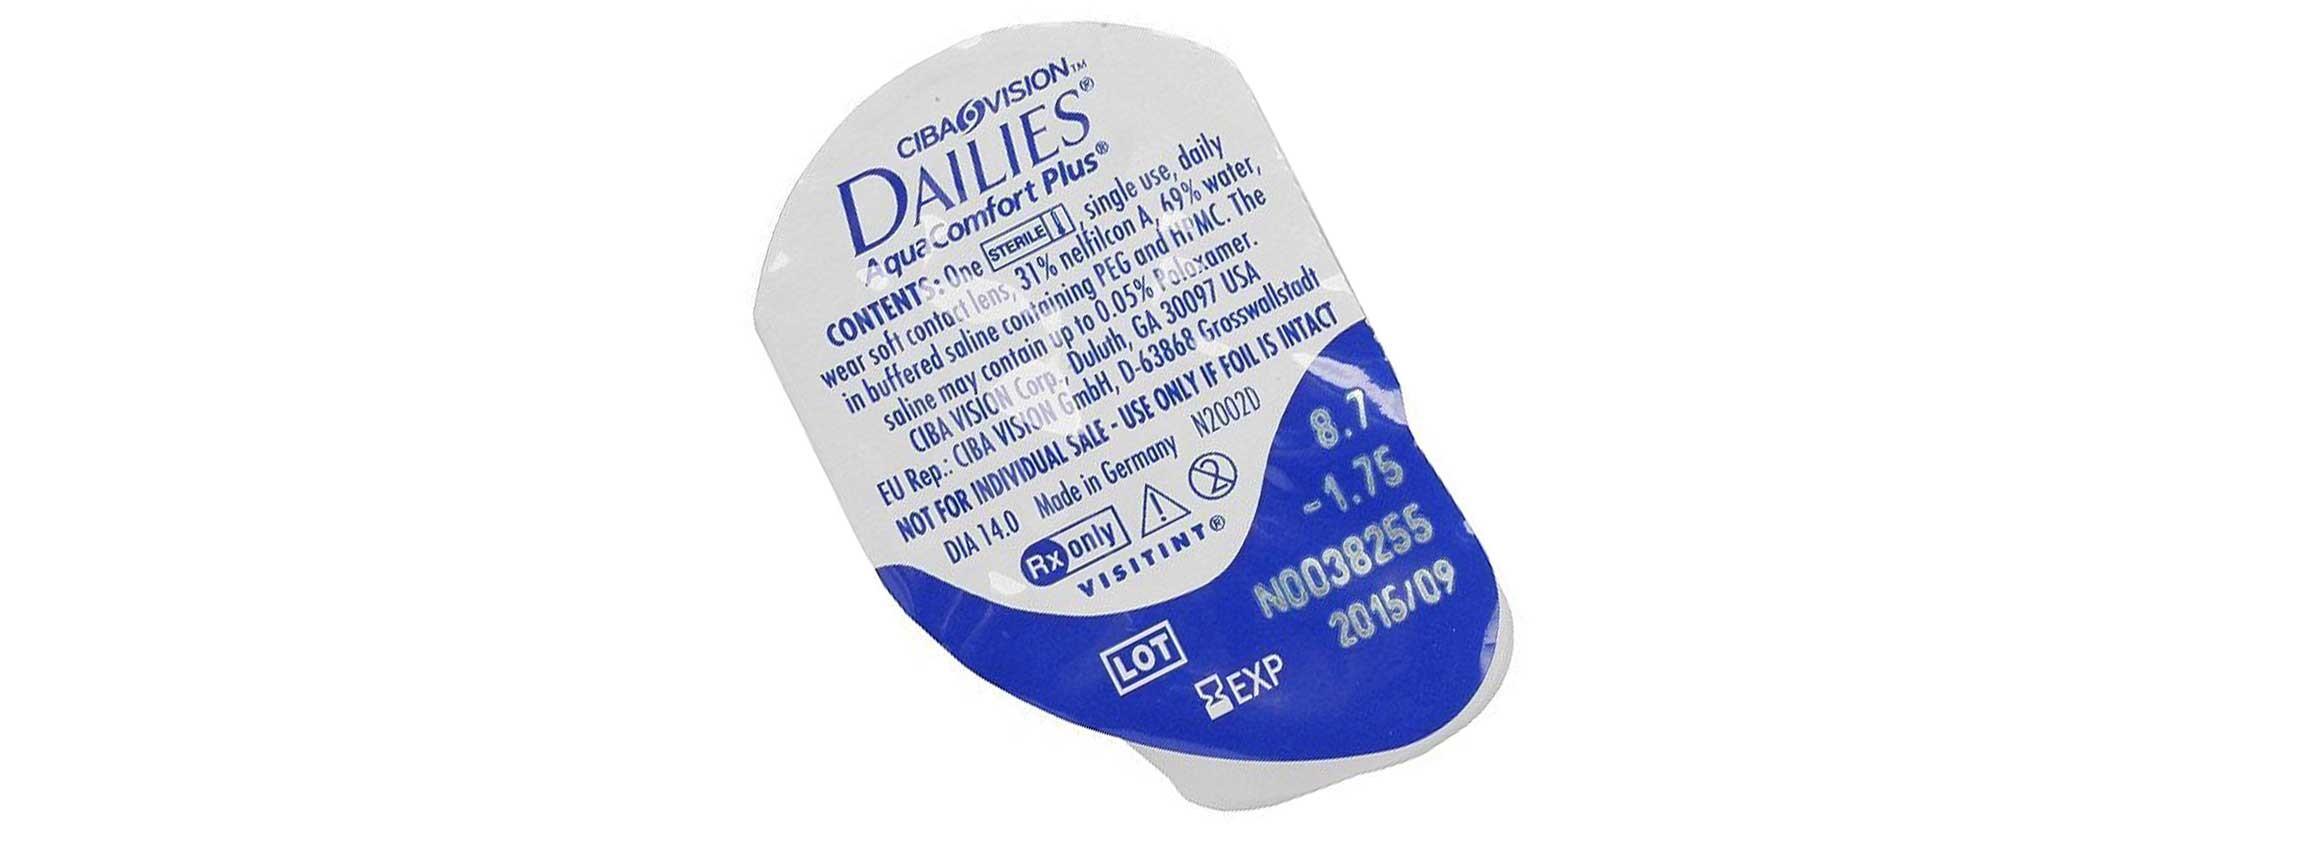 comfort aquacomfort plus alcon original products aquacomfortplus dailies comforter toric aqua